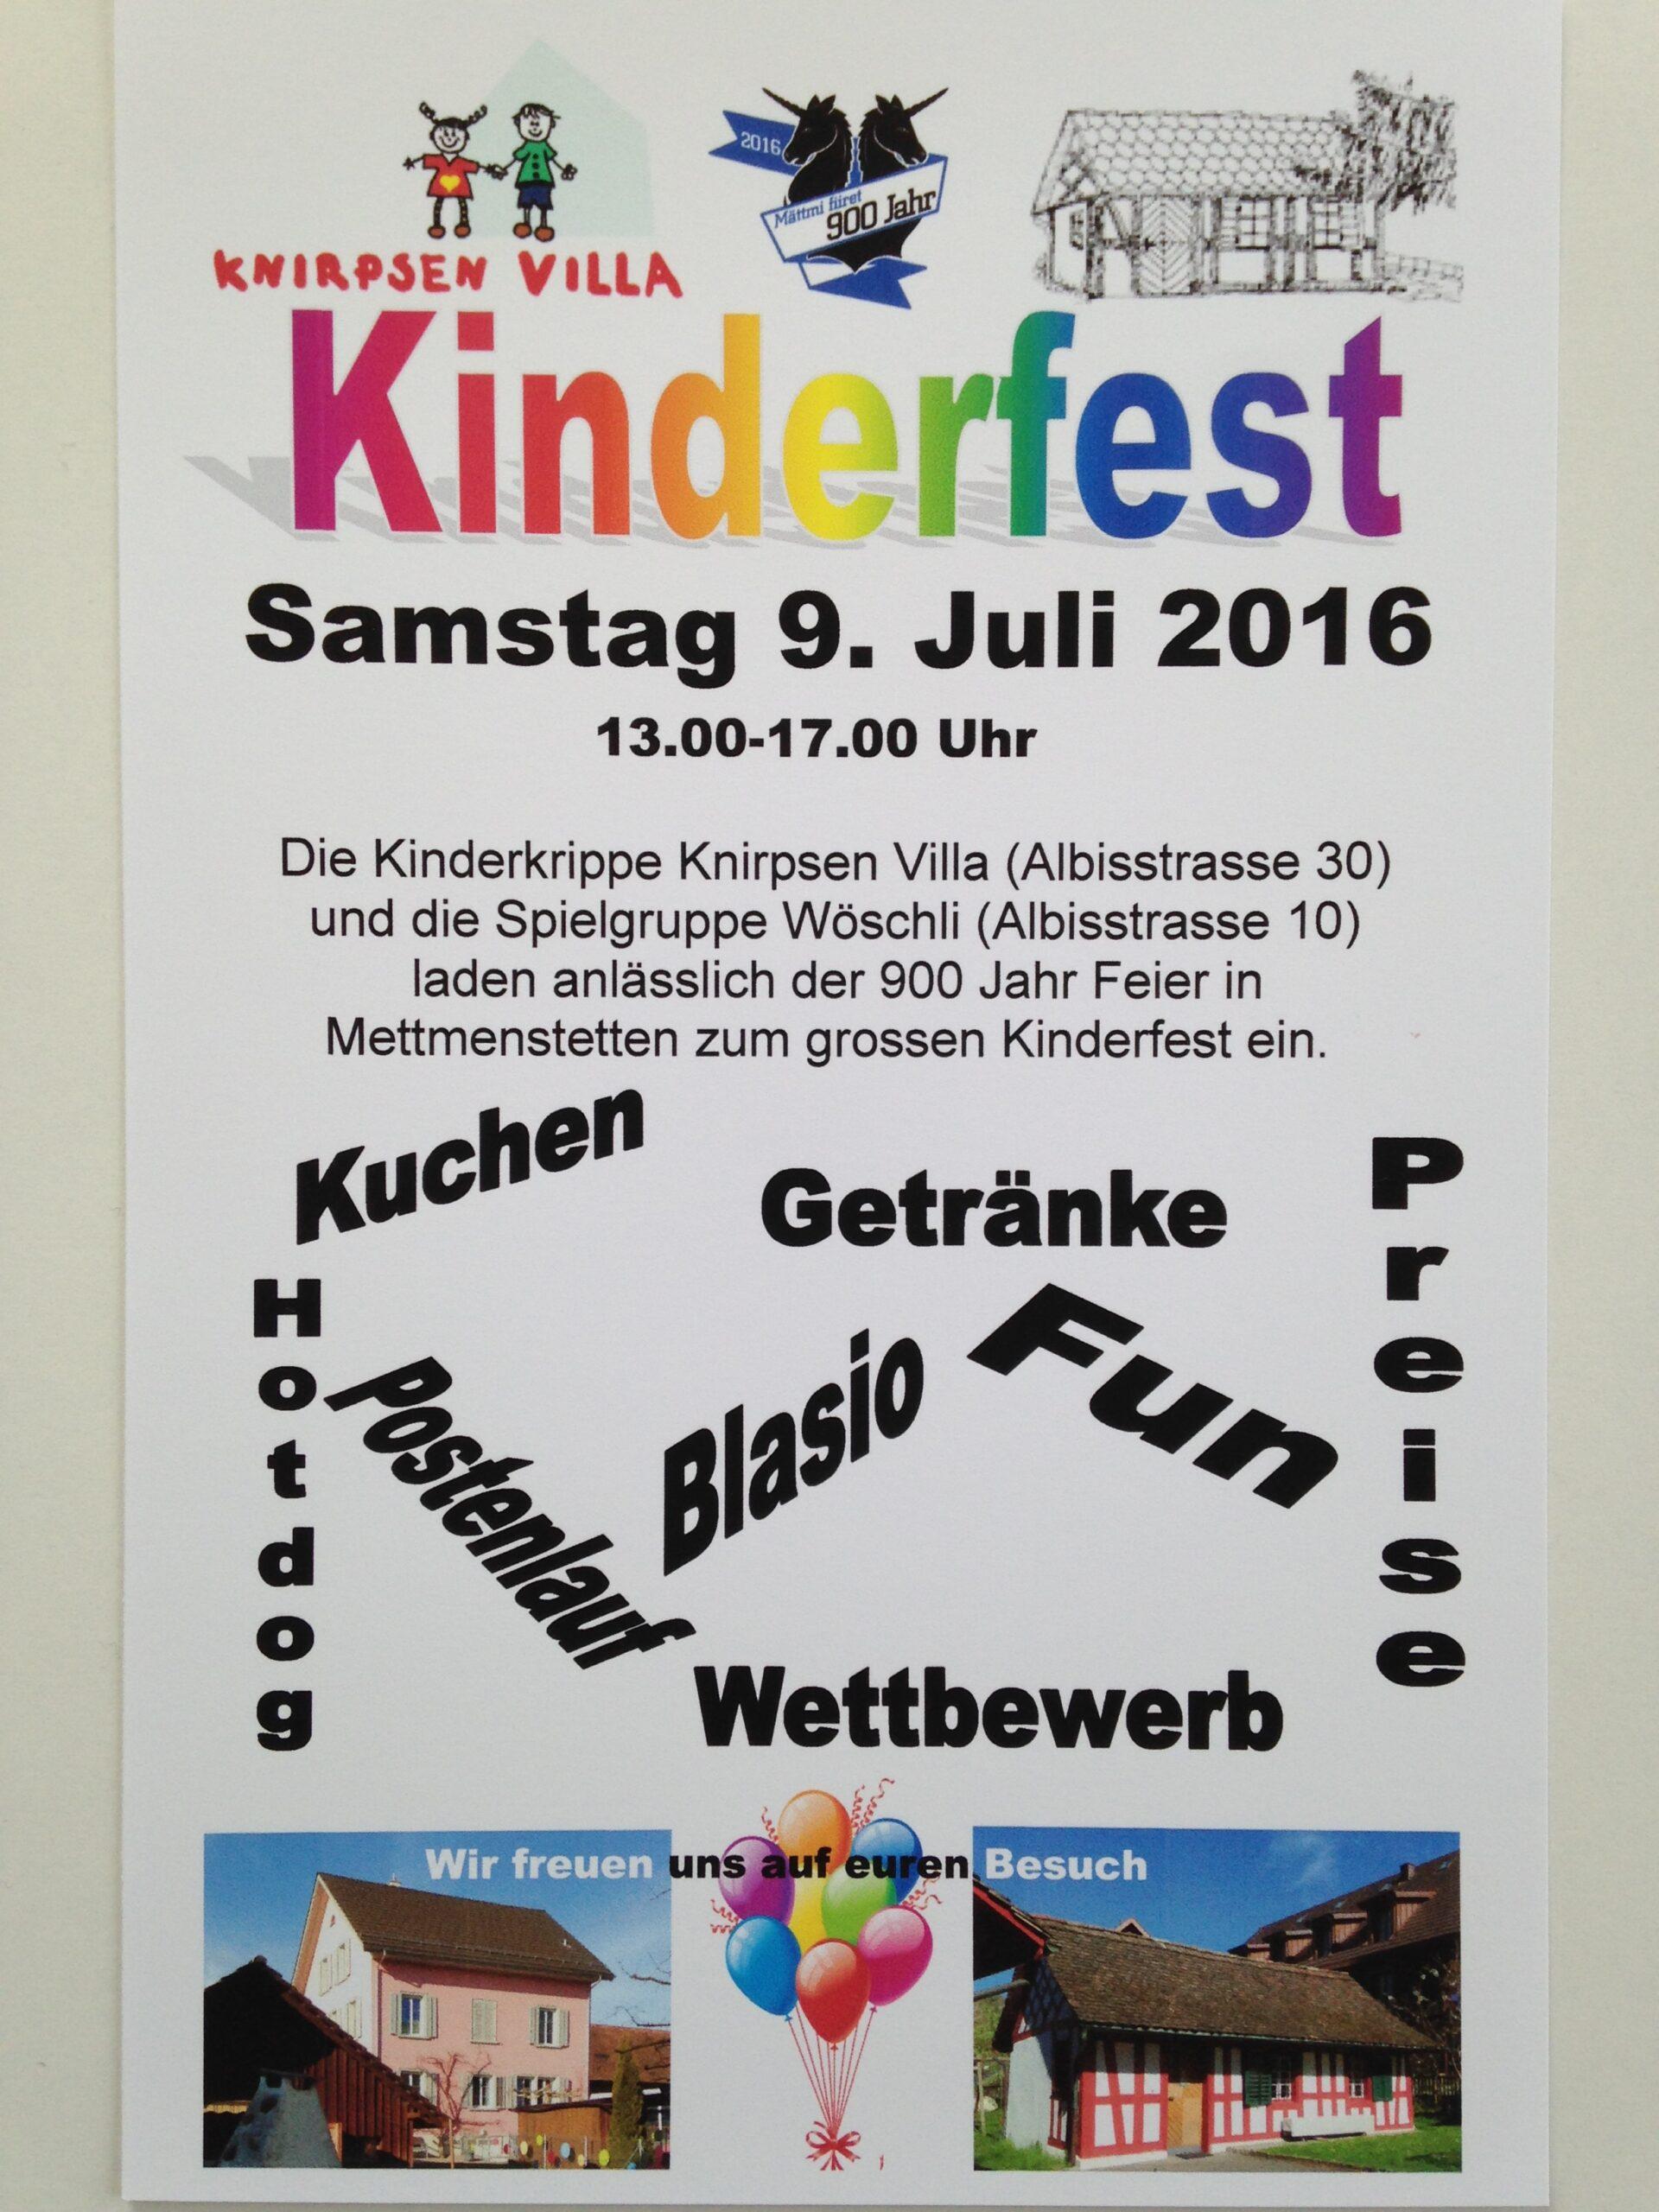 Kinderfest 9. Juli 2016